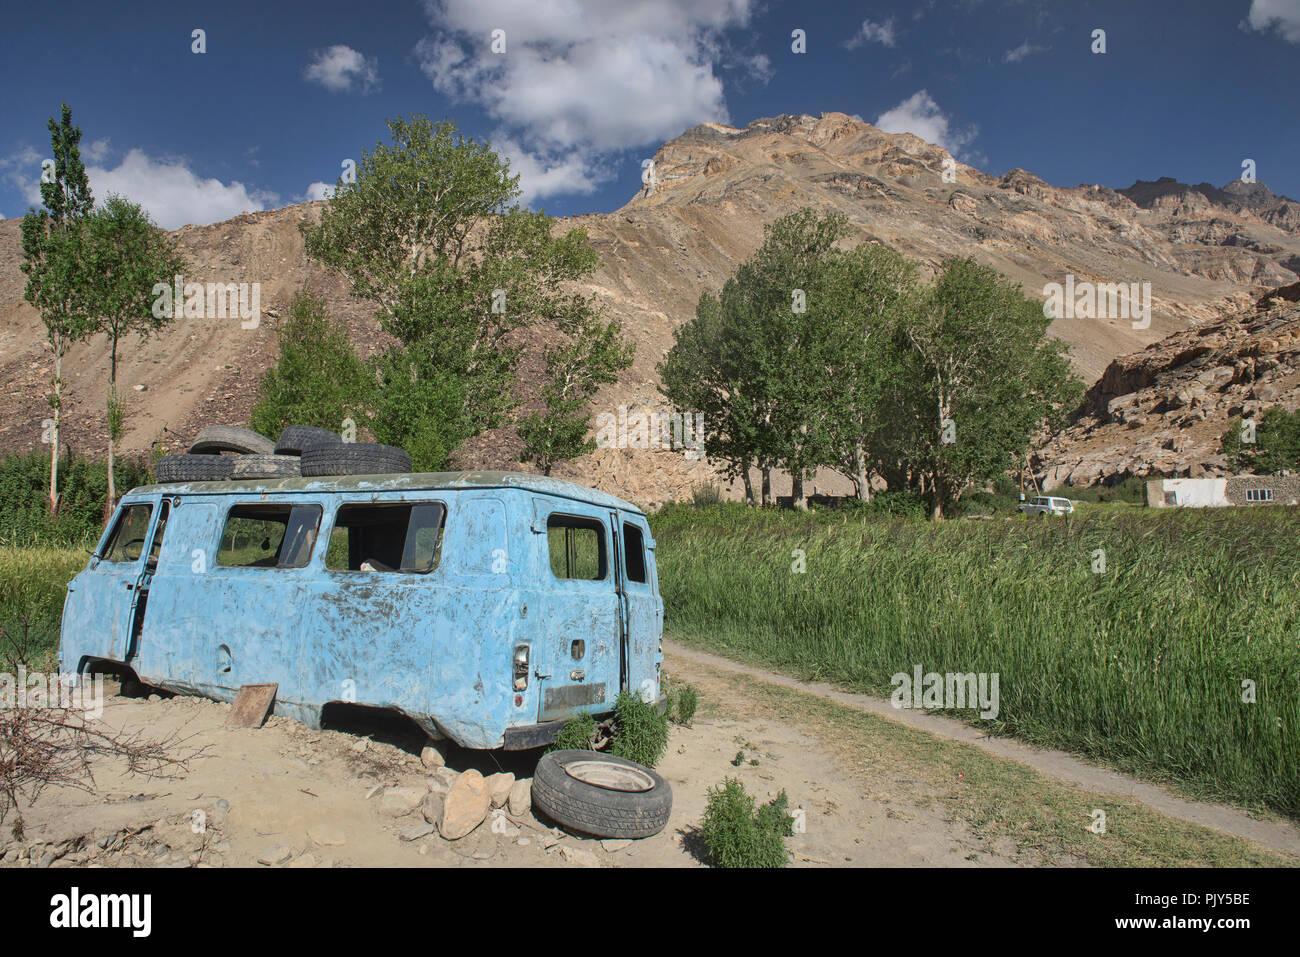 La antigua Rusia van en Pasor Furgon en el valle de Bartang, Tayikistán. Foto de stock